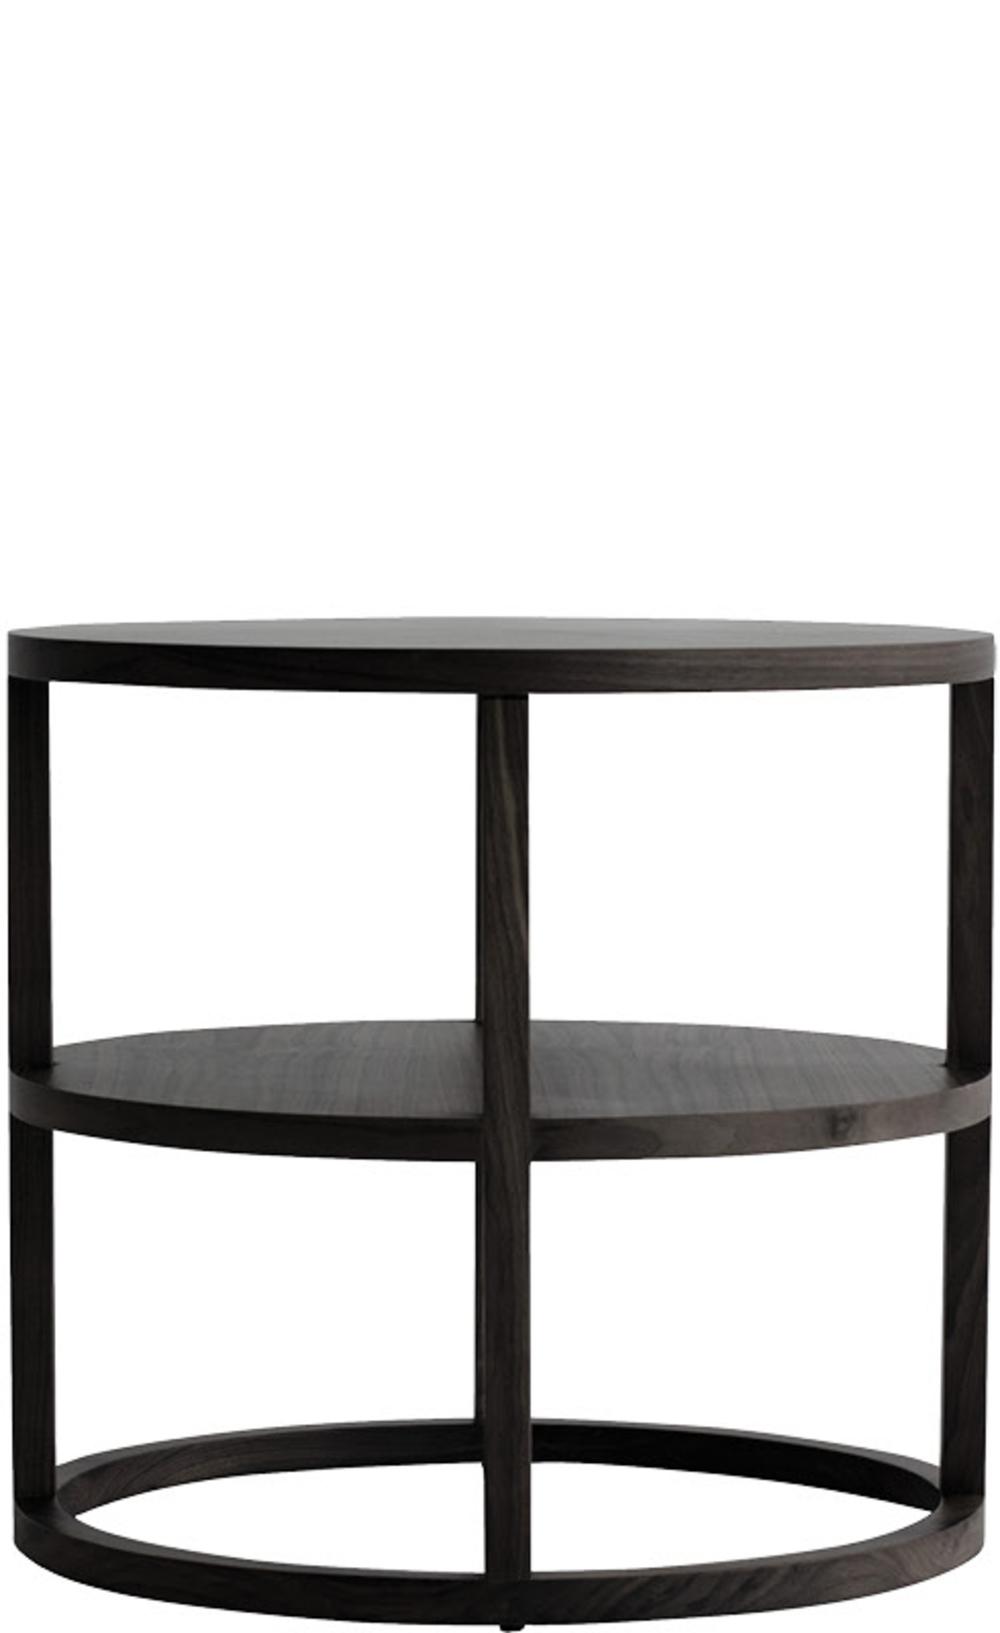 Van Peursem - Walnut Rnd Side Table w/ Shelf